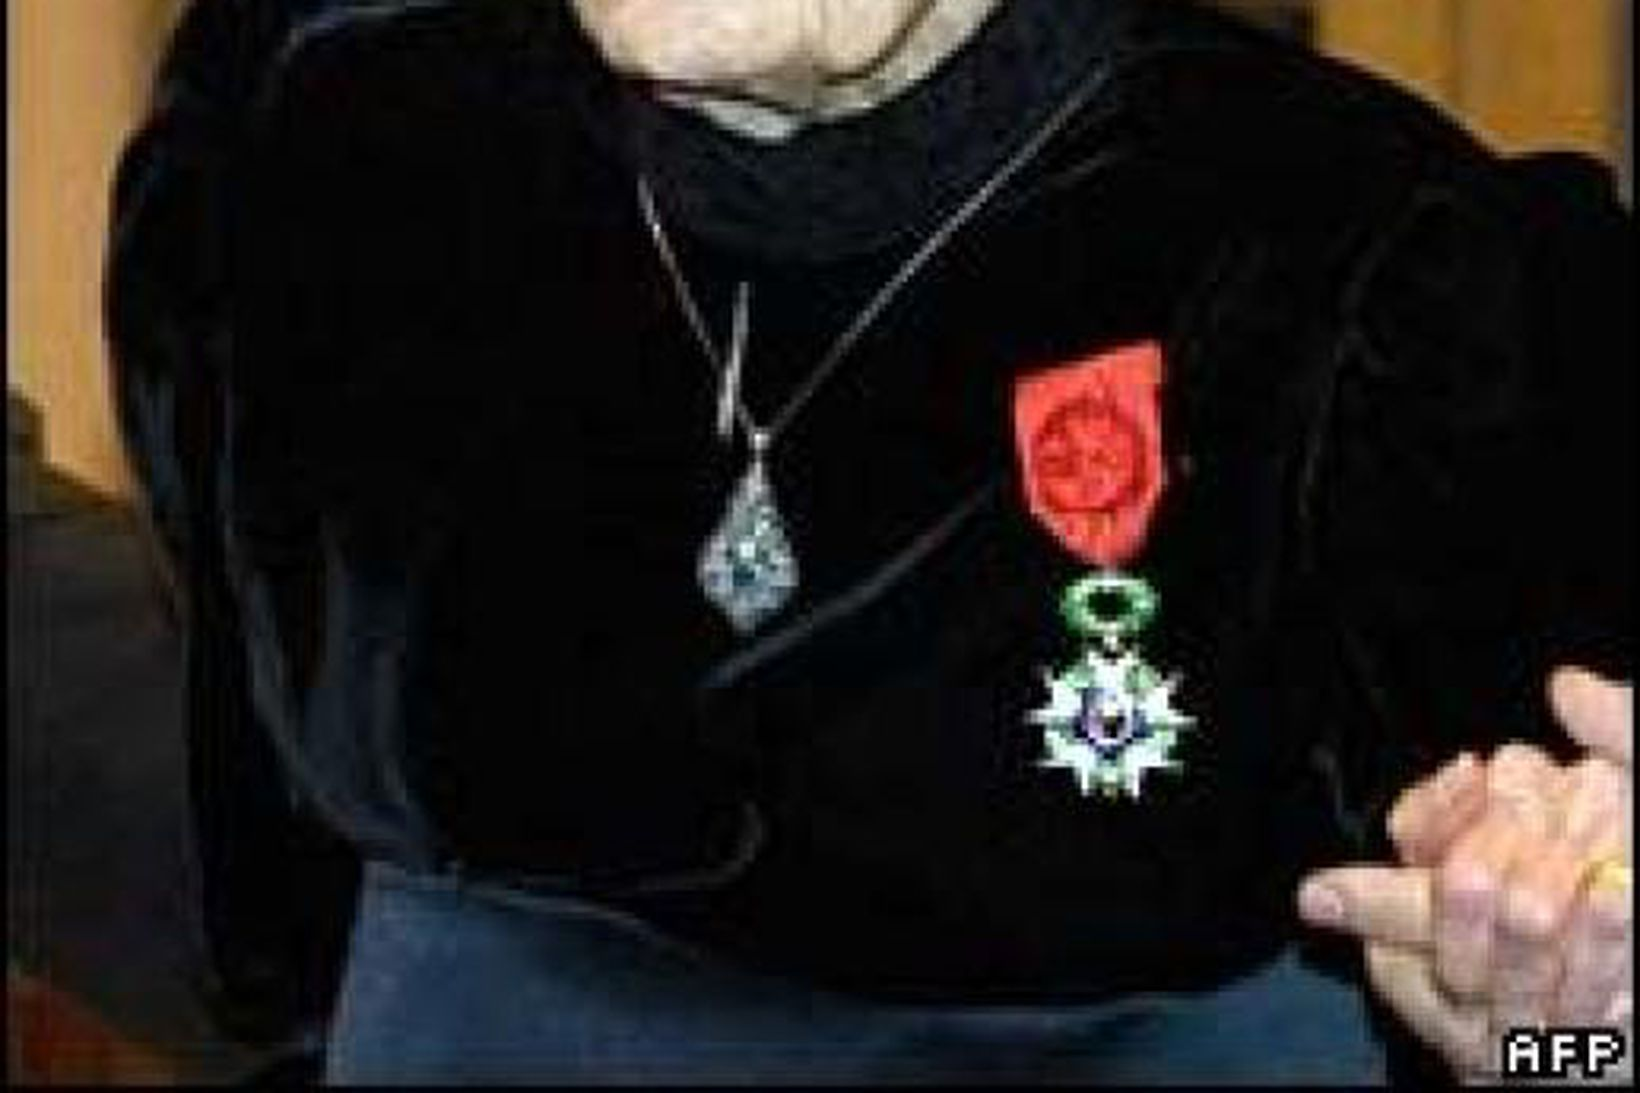 Rita Levi-Montalcini er elsti núlifandi nóvelsverðlaunahafi heims, fædd 22. apríl …